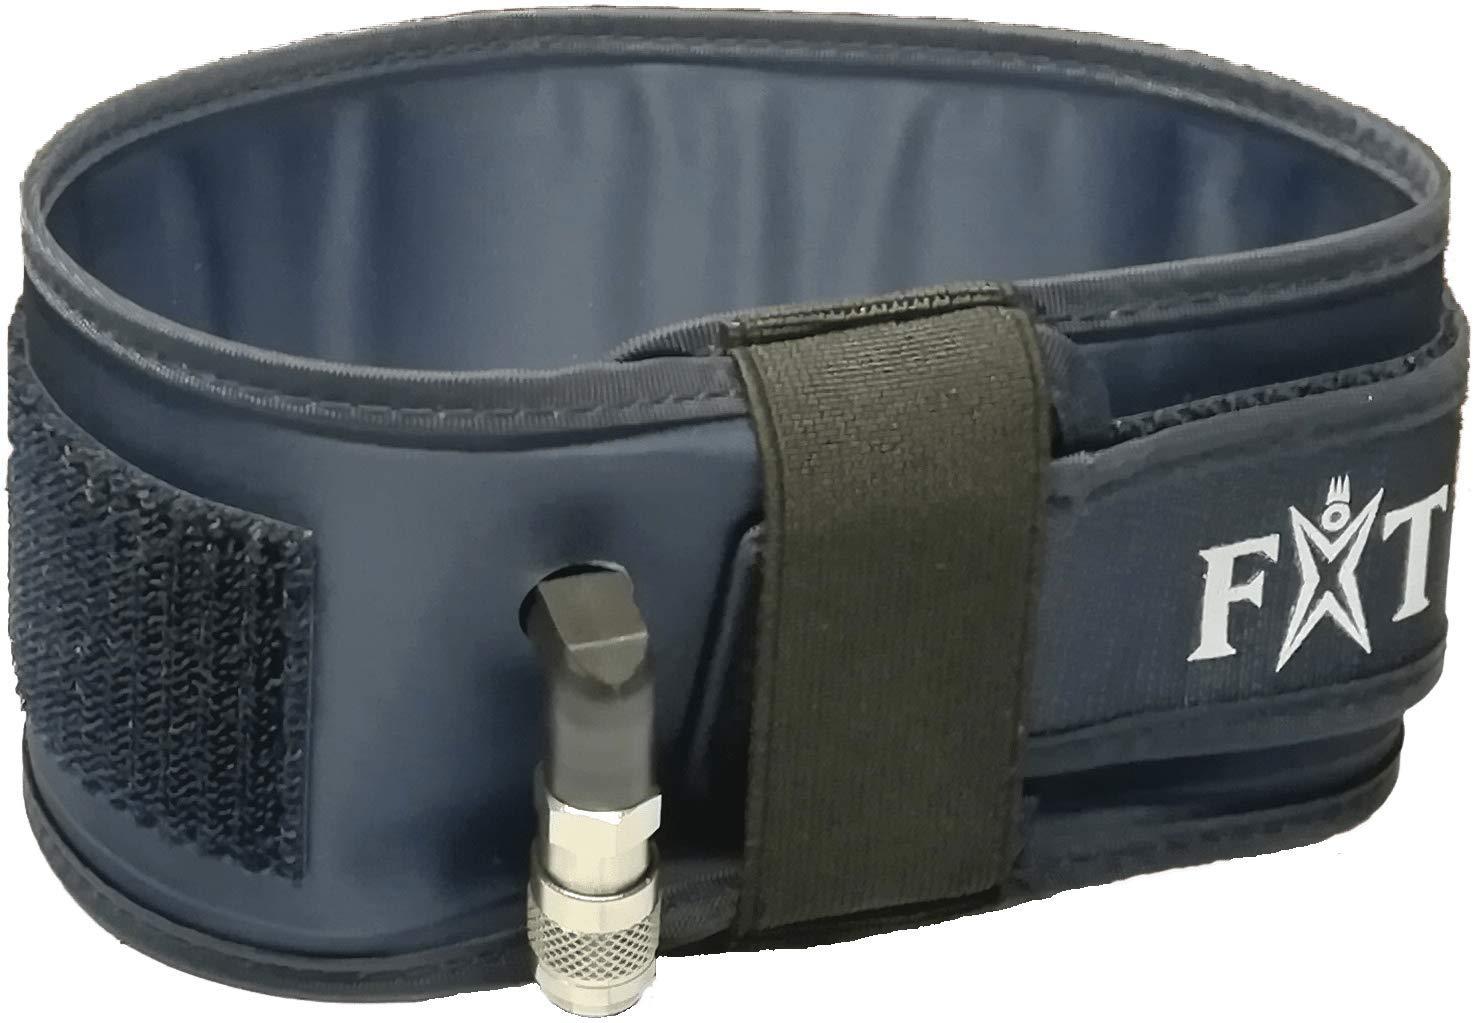 Fit Cuffs (Arm Cuff